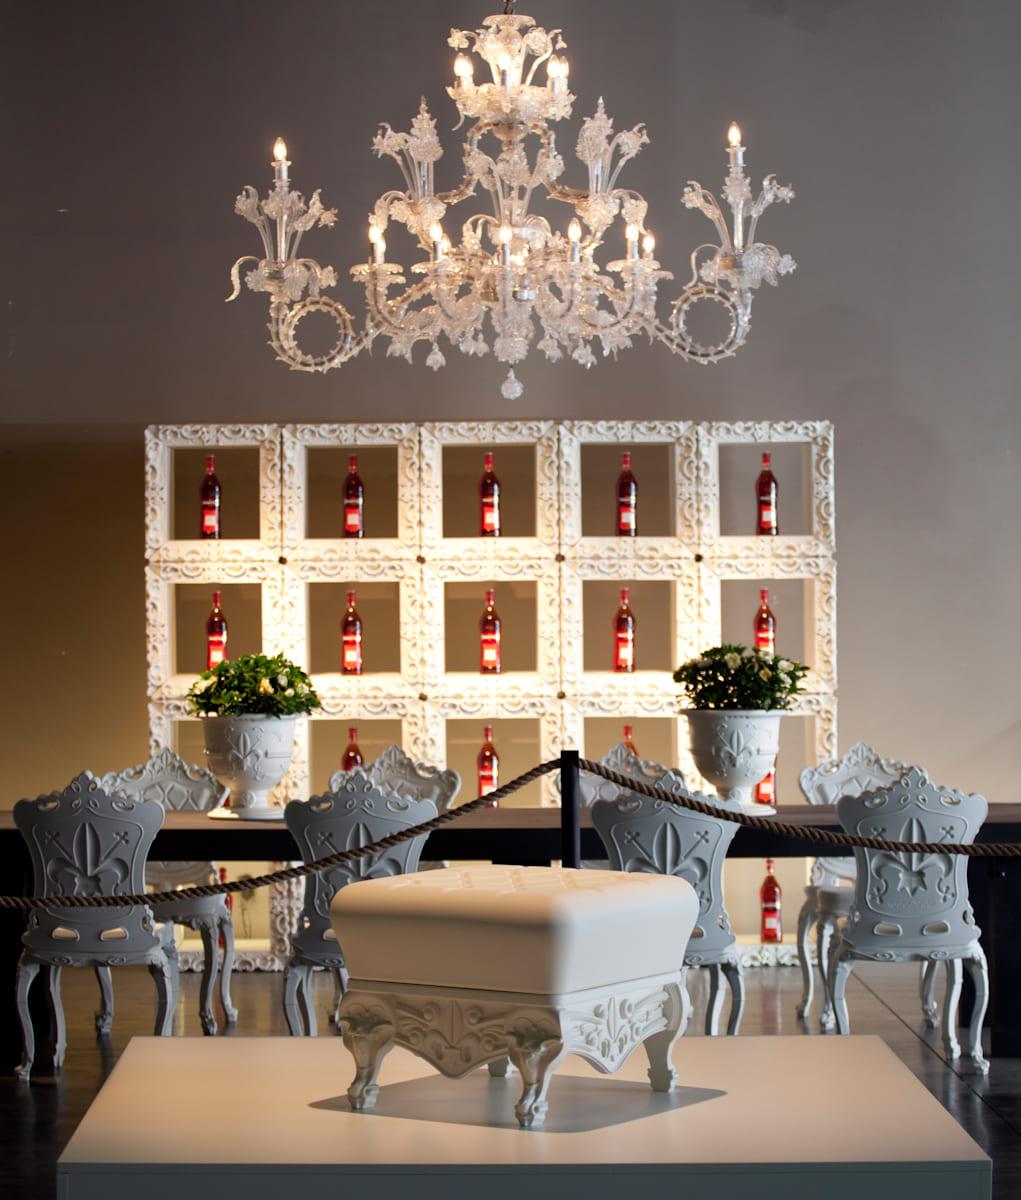 Weisse Barock Sessel Kunststoff - Barock Stuhl aus Kunststoff in verschieden Farben | Design of Love